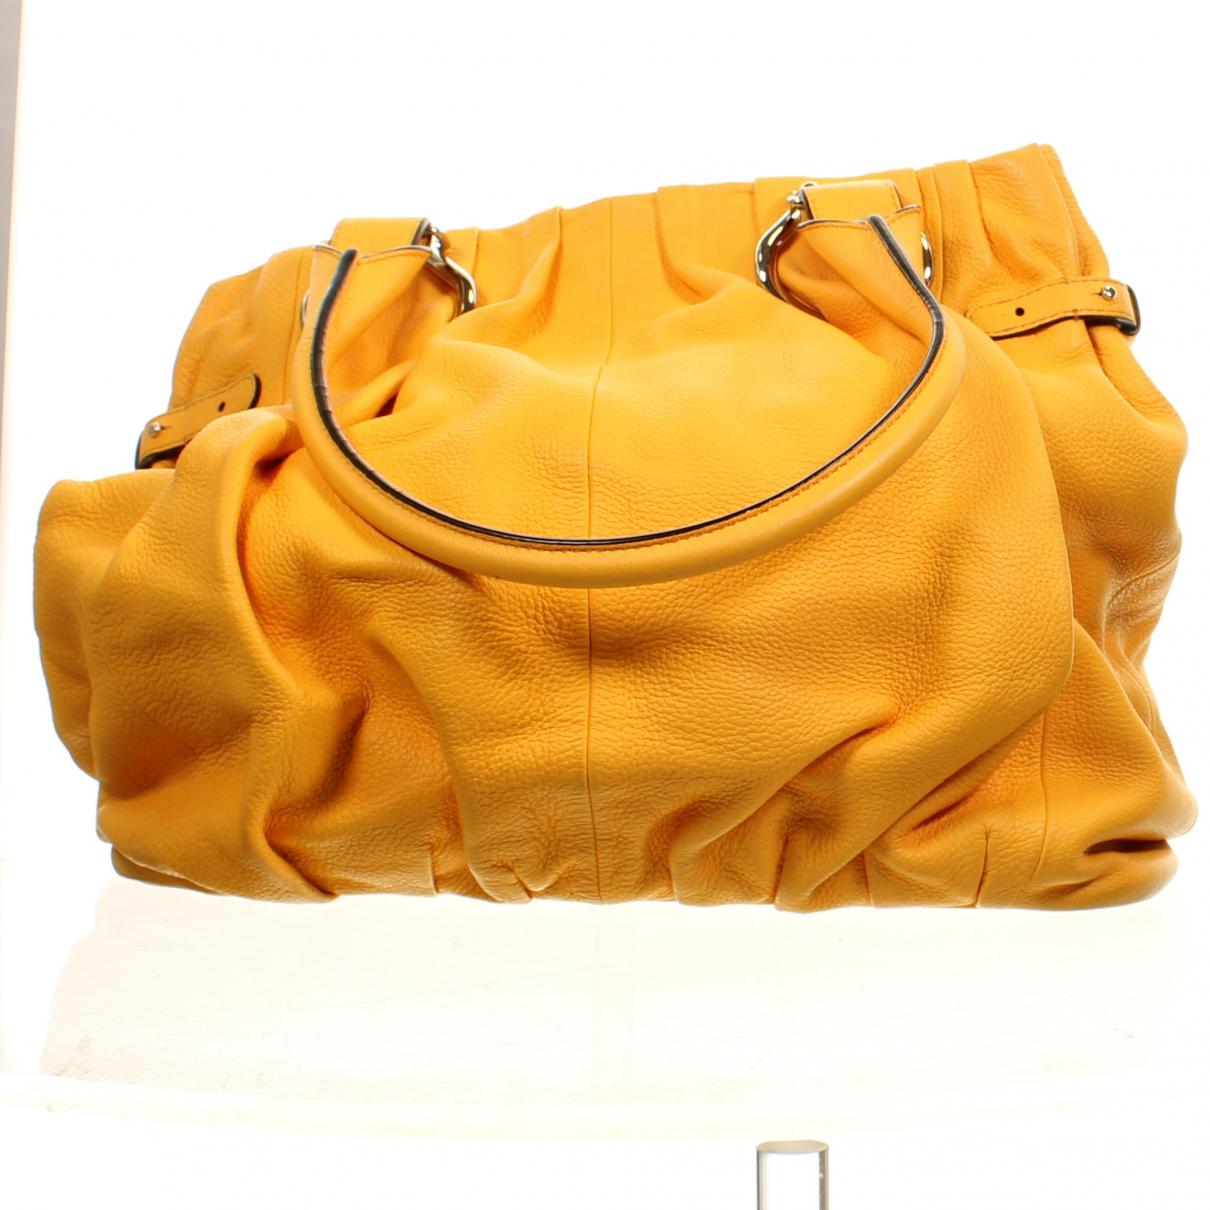 Celine \N Handtasche in  Gelb Leder